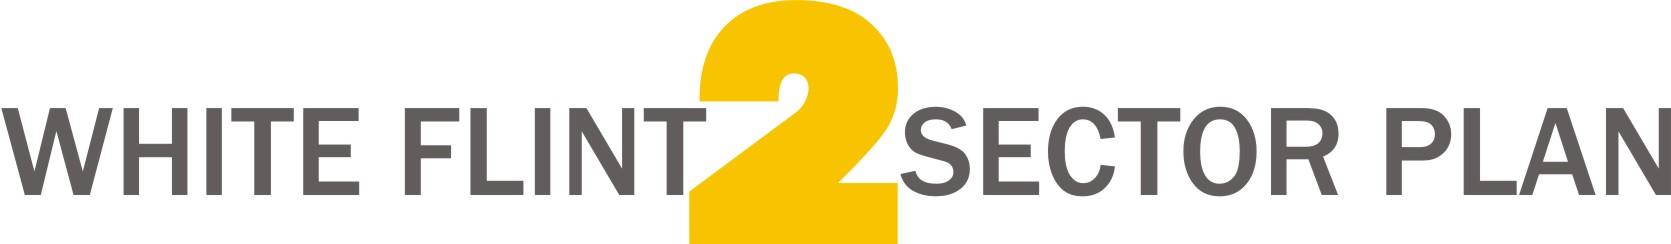 white flint 2 logo